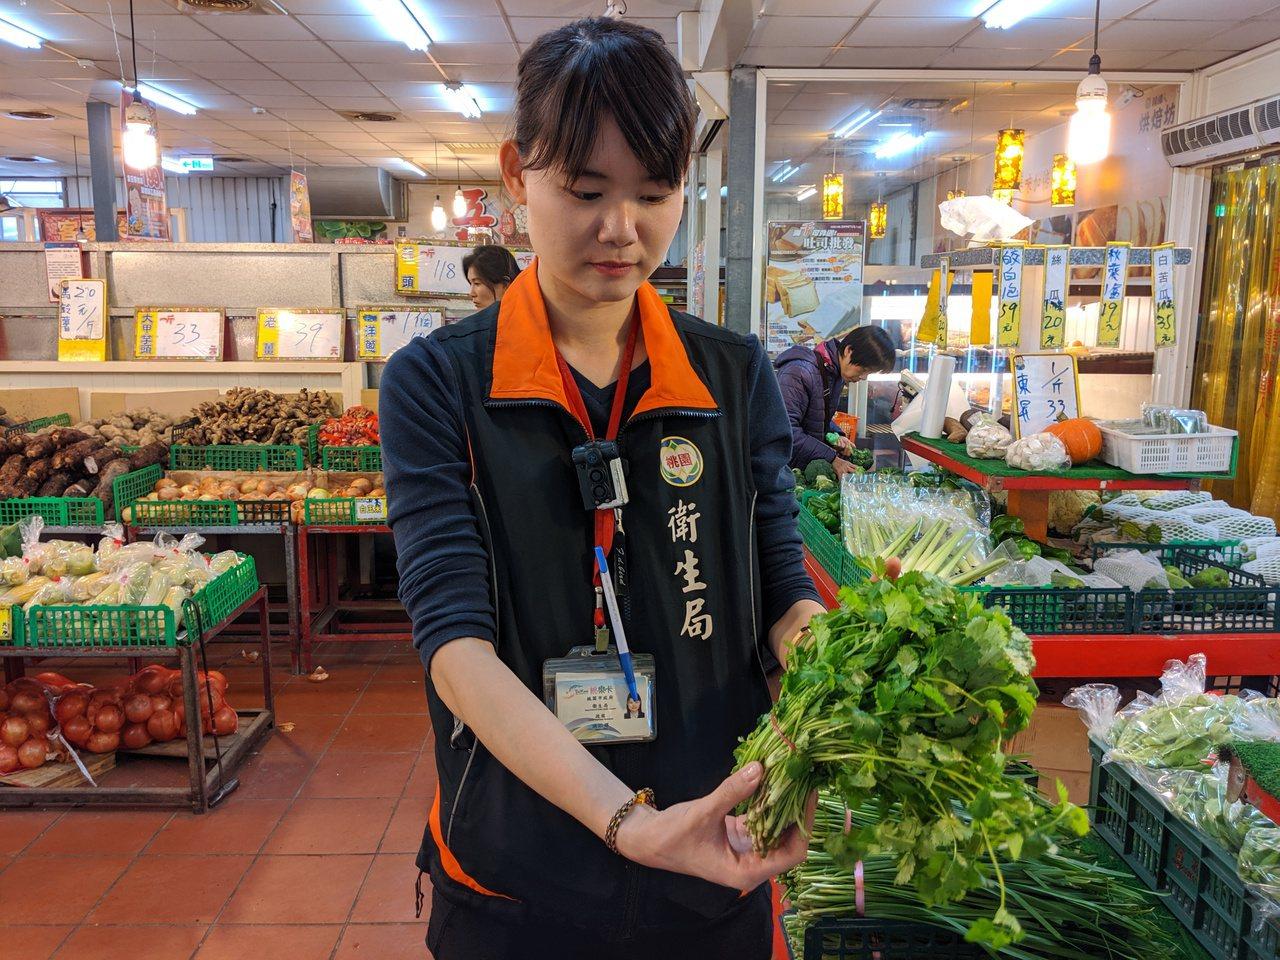 衛生局春節前抽檢商場食品、蔬果。圖/桃園市政府衛生局提供